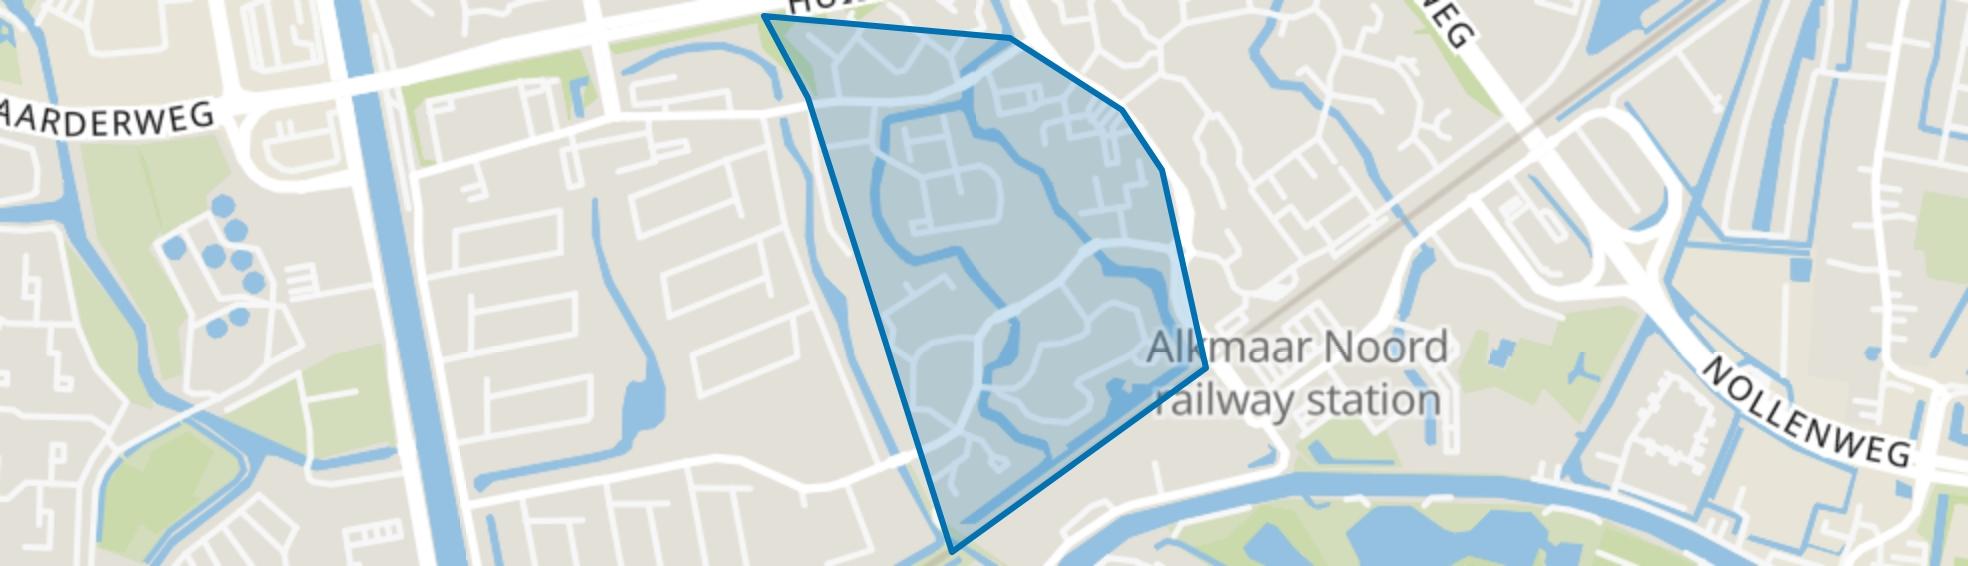 Huiswaard-2-West, Alkmaar map